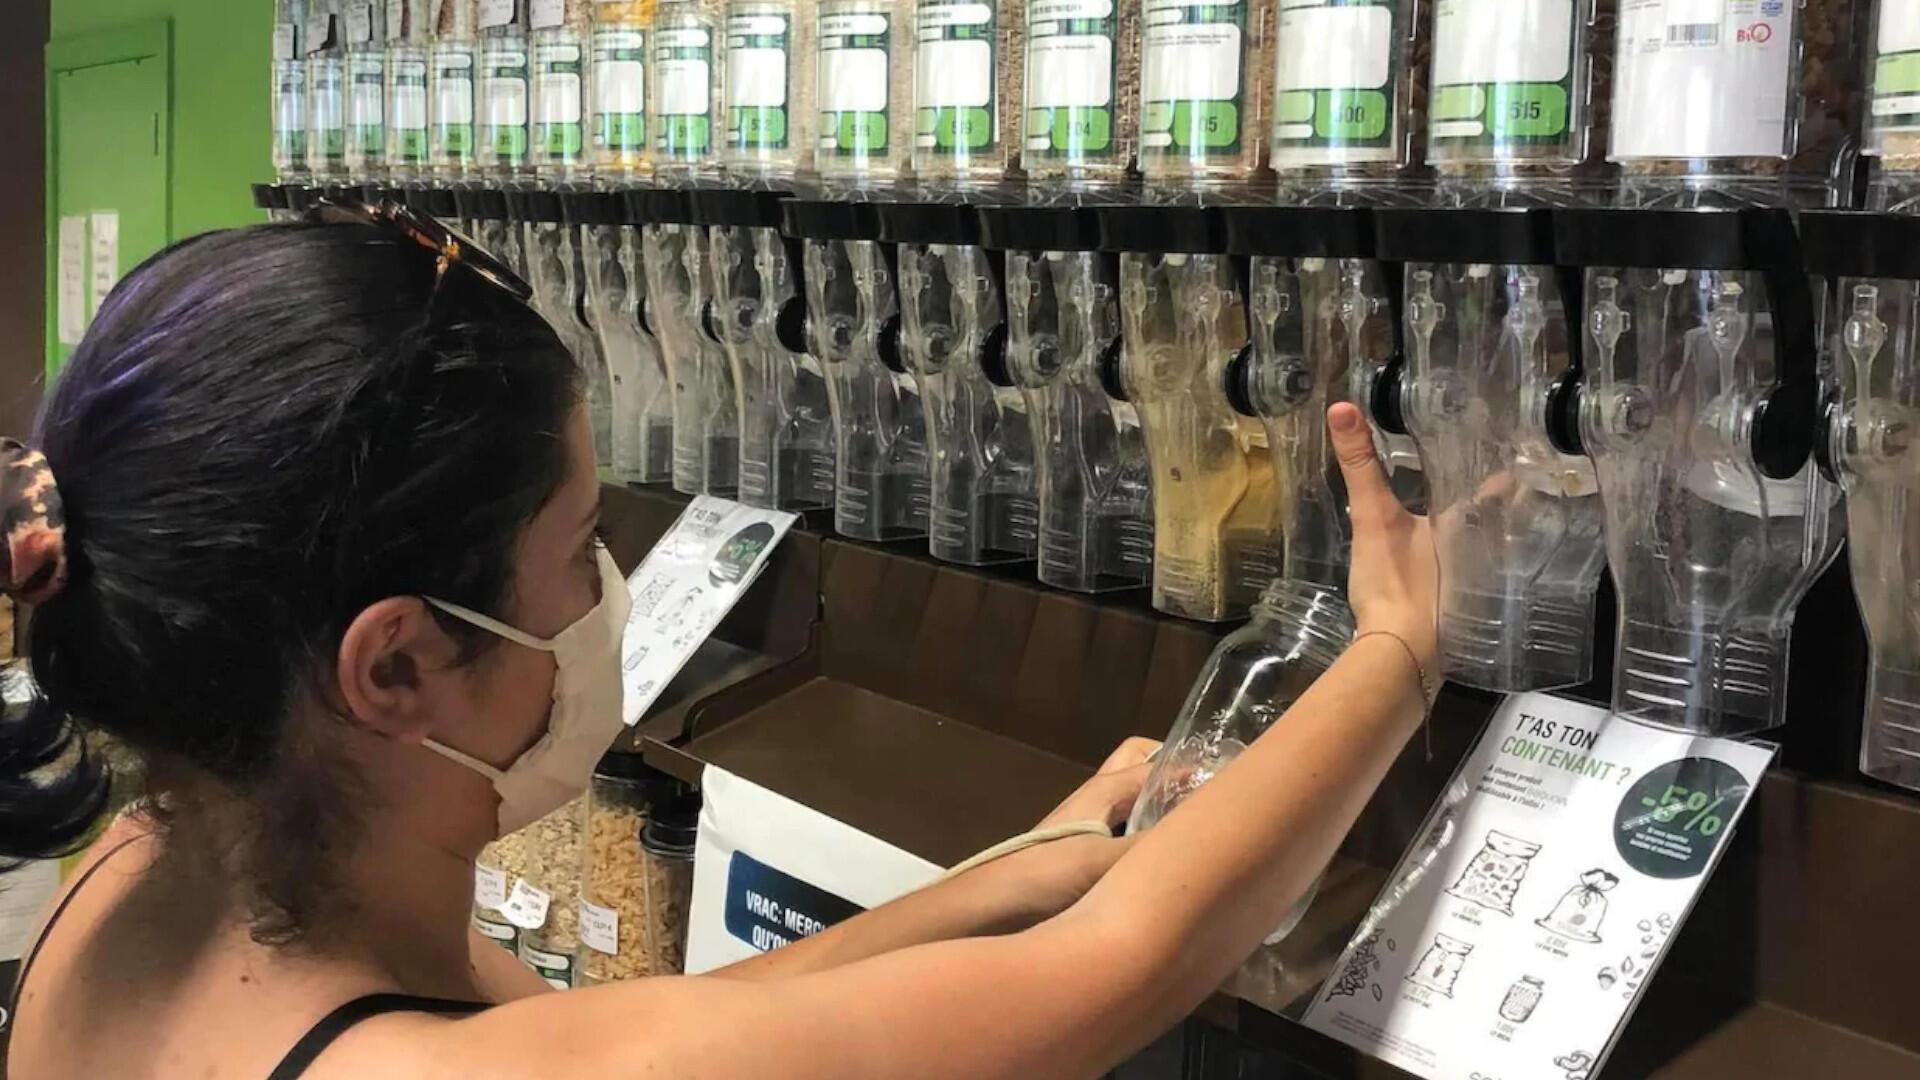 Depuis le confinement, Rachel Mandelblat se définit comme éco-consciente. Elle privilégie aujourd'hui des produits locaux et de saison.